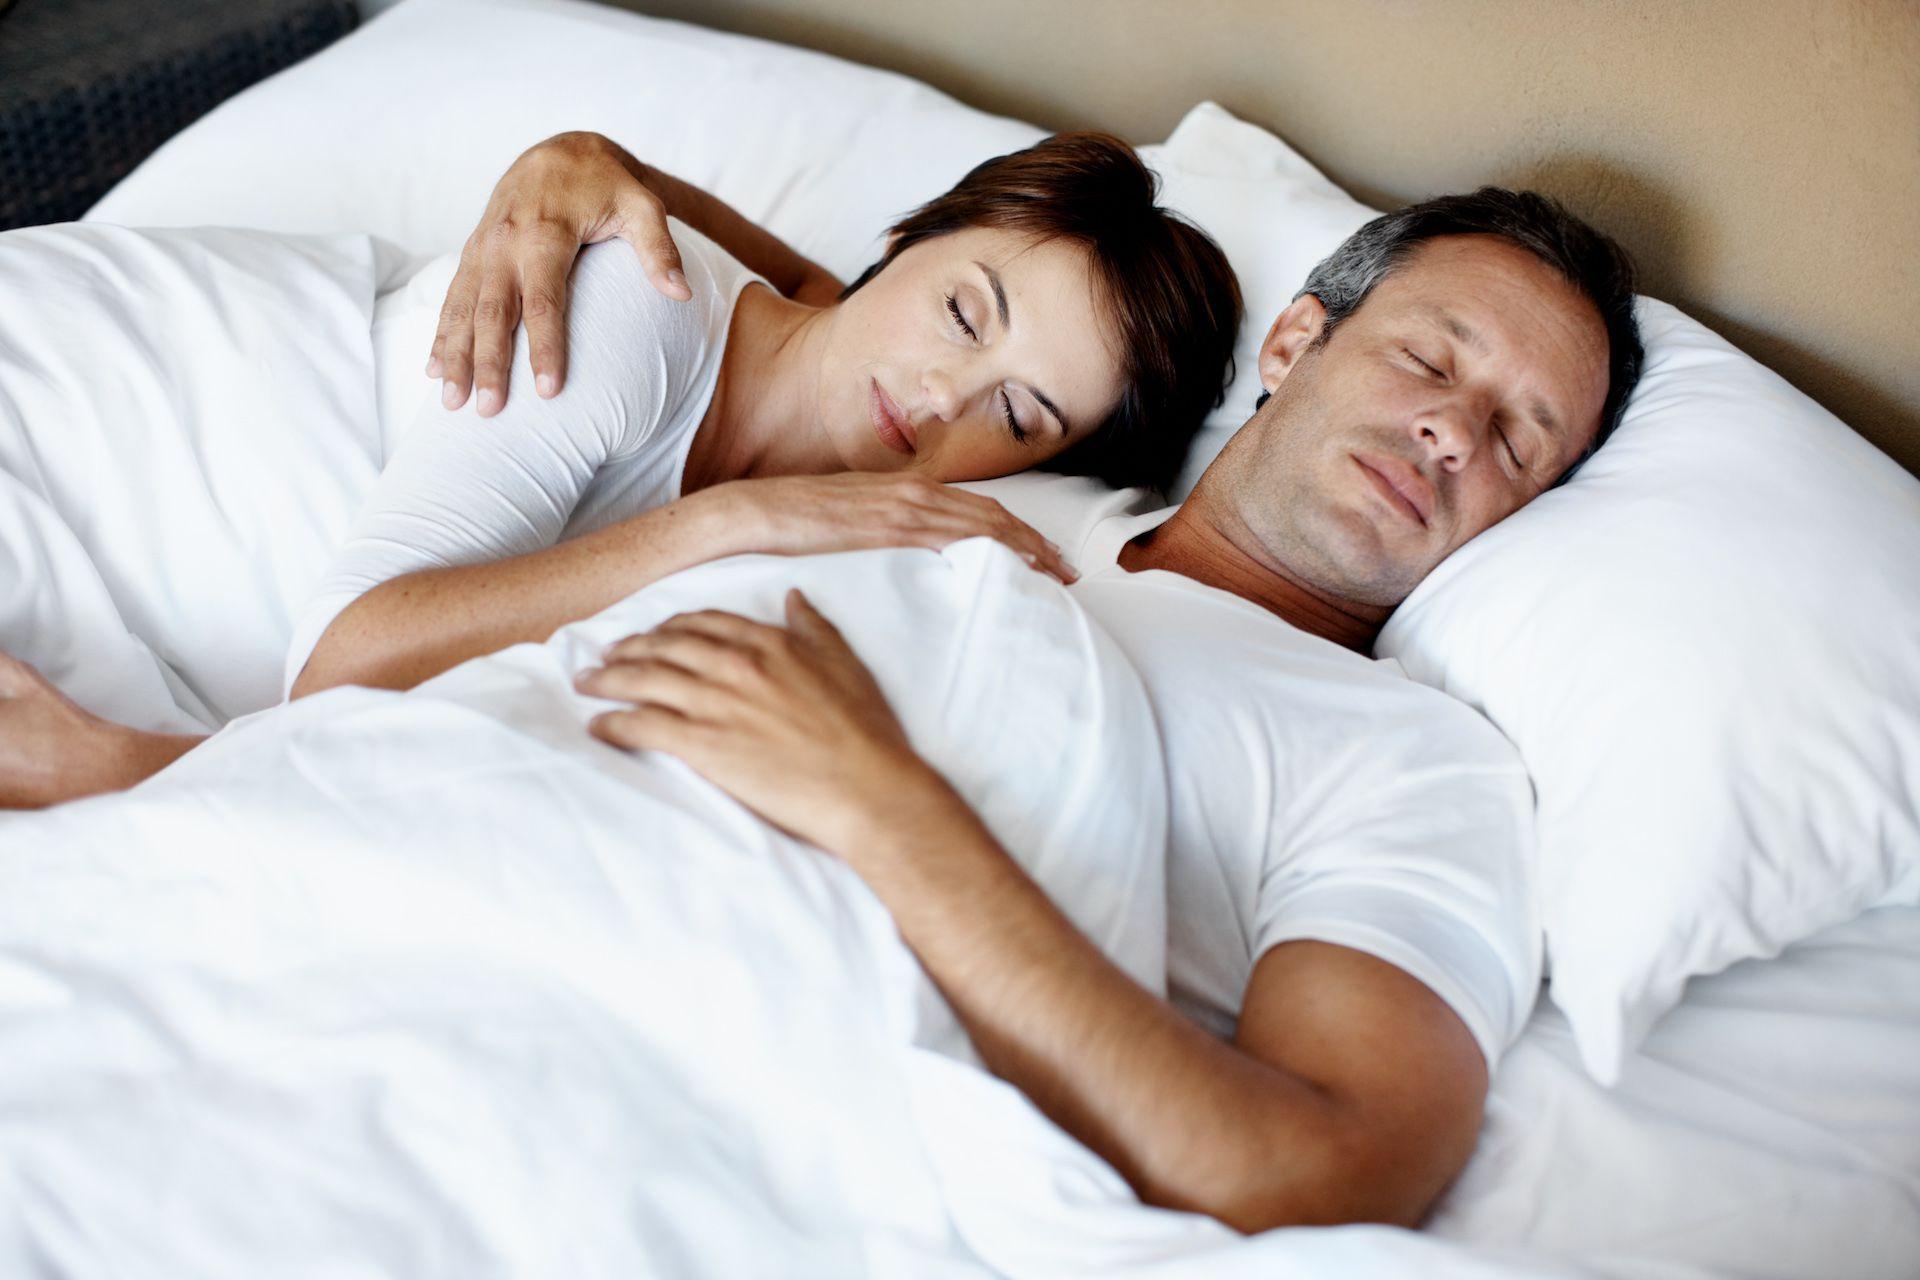 Картинки засыпающих влюбленных, поздравления руководителю